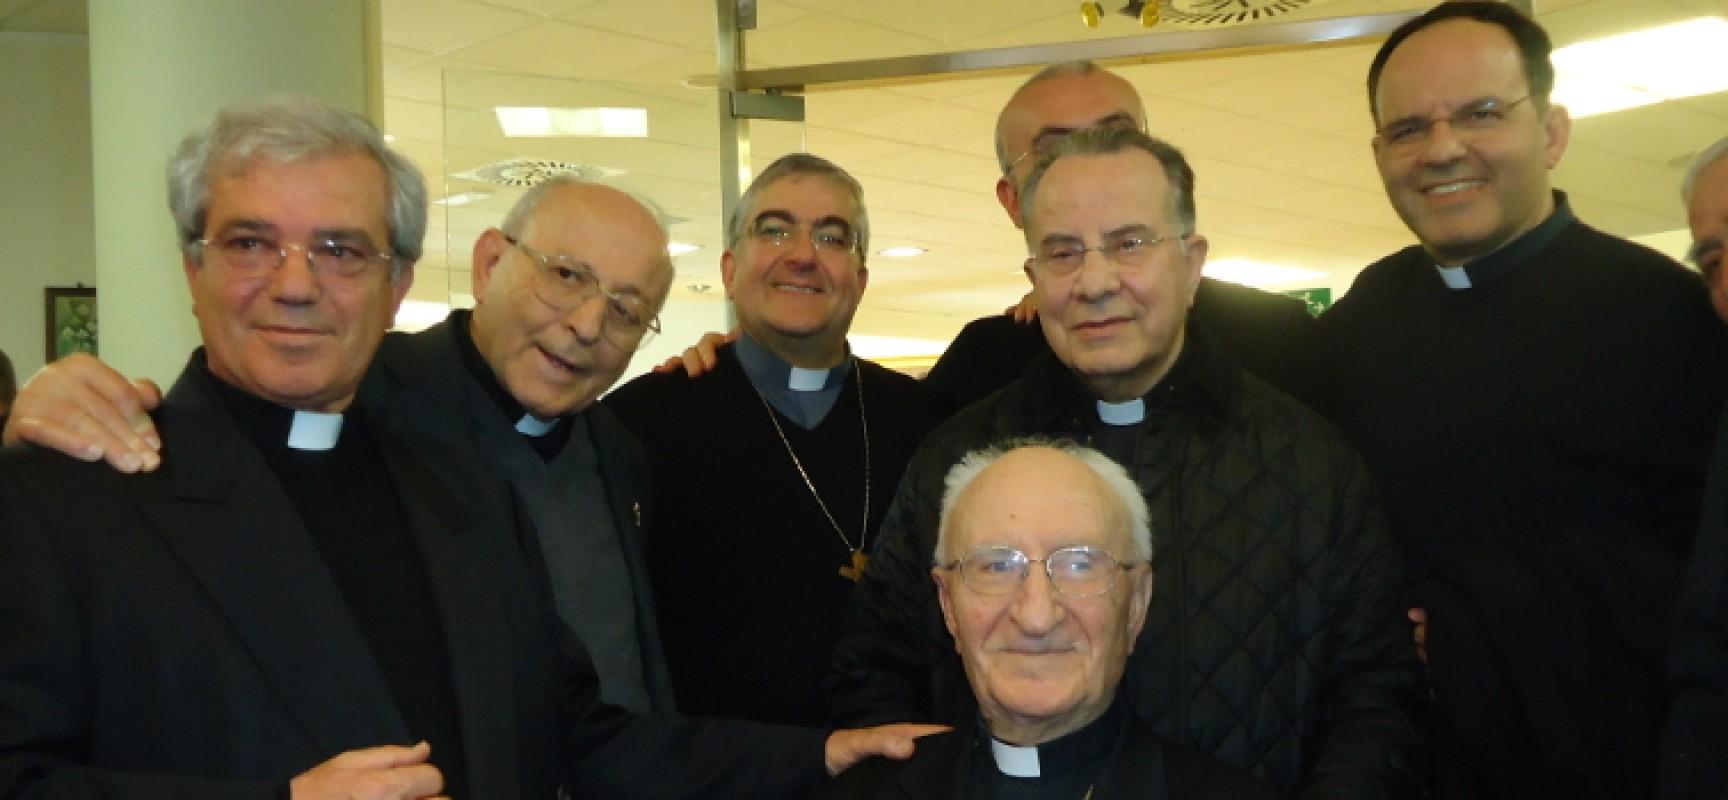 Morto a 93 anni Mons. Cassati, è stato Arcivescovo di Bisceglie dal 1991 al 1999